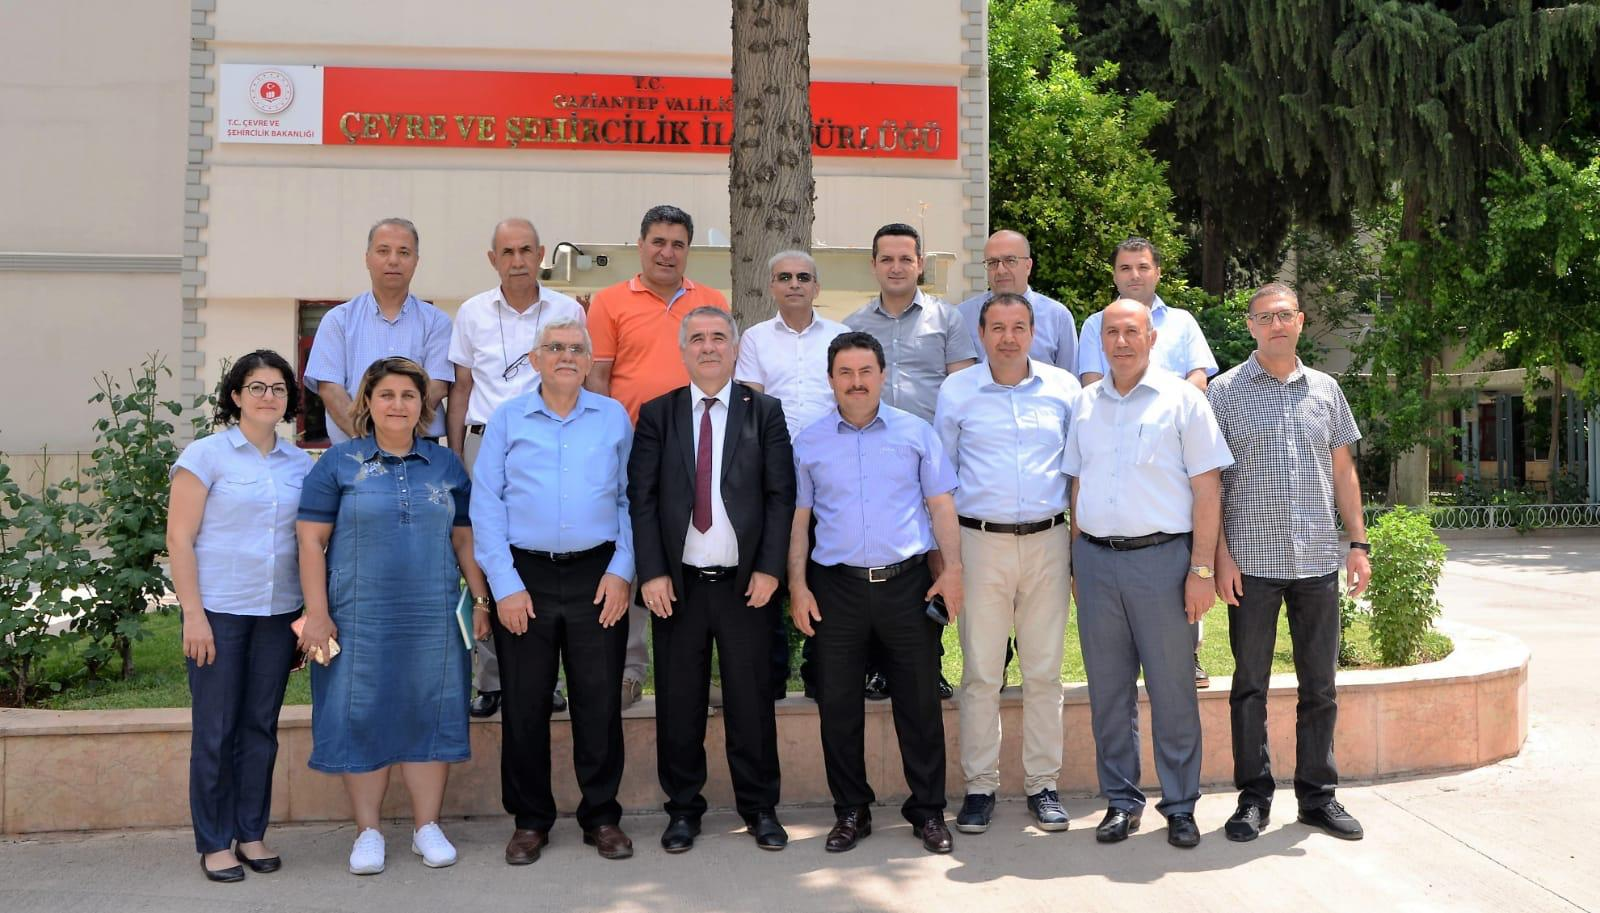 """İç Denetim Birimi Başkanlığınca Gaziantep Çevre ve Şehircilik İl Müdürlüğünde """"bürokrasinin azaltılması, iç kontrol ve etik yönetim"""" konulu toplantı ve seminer düzenlenmiştir."""